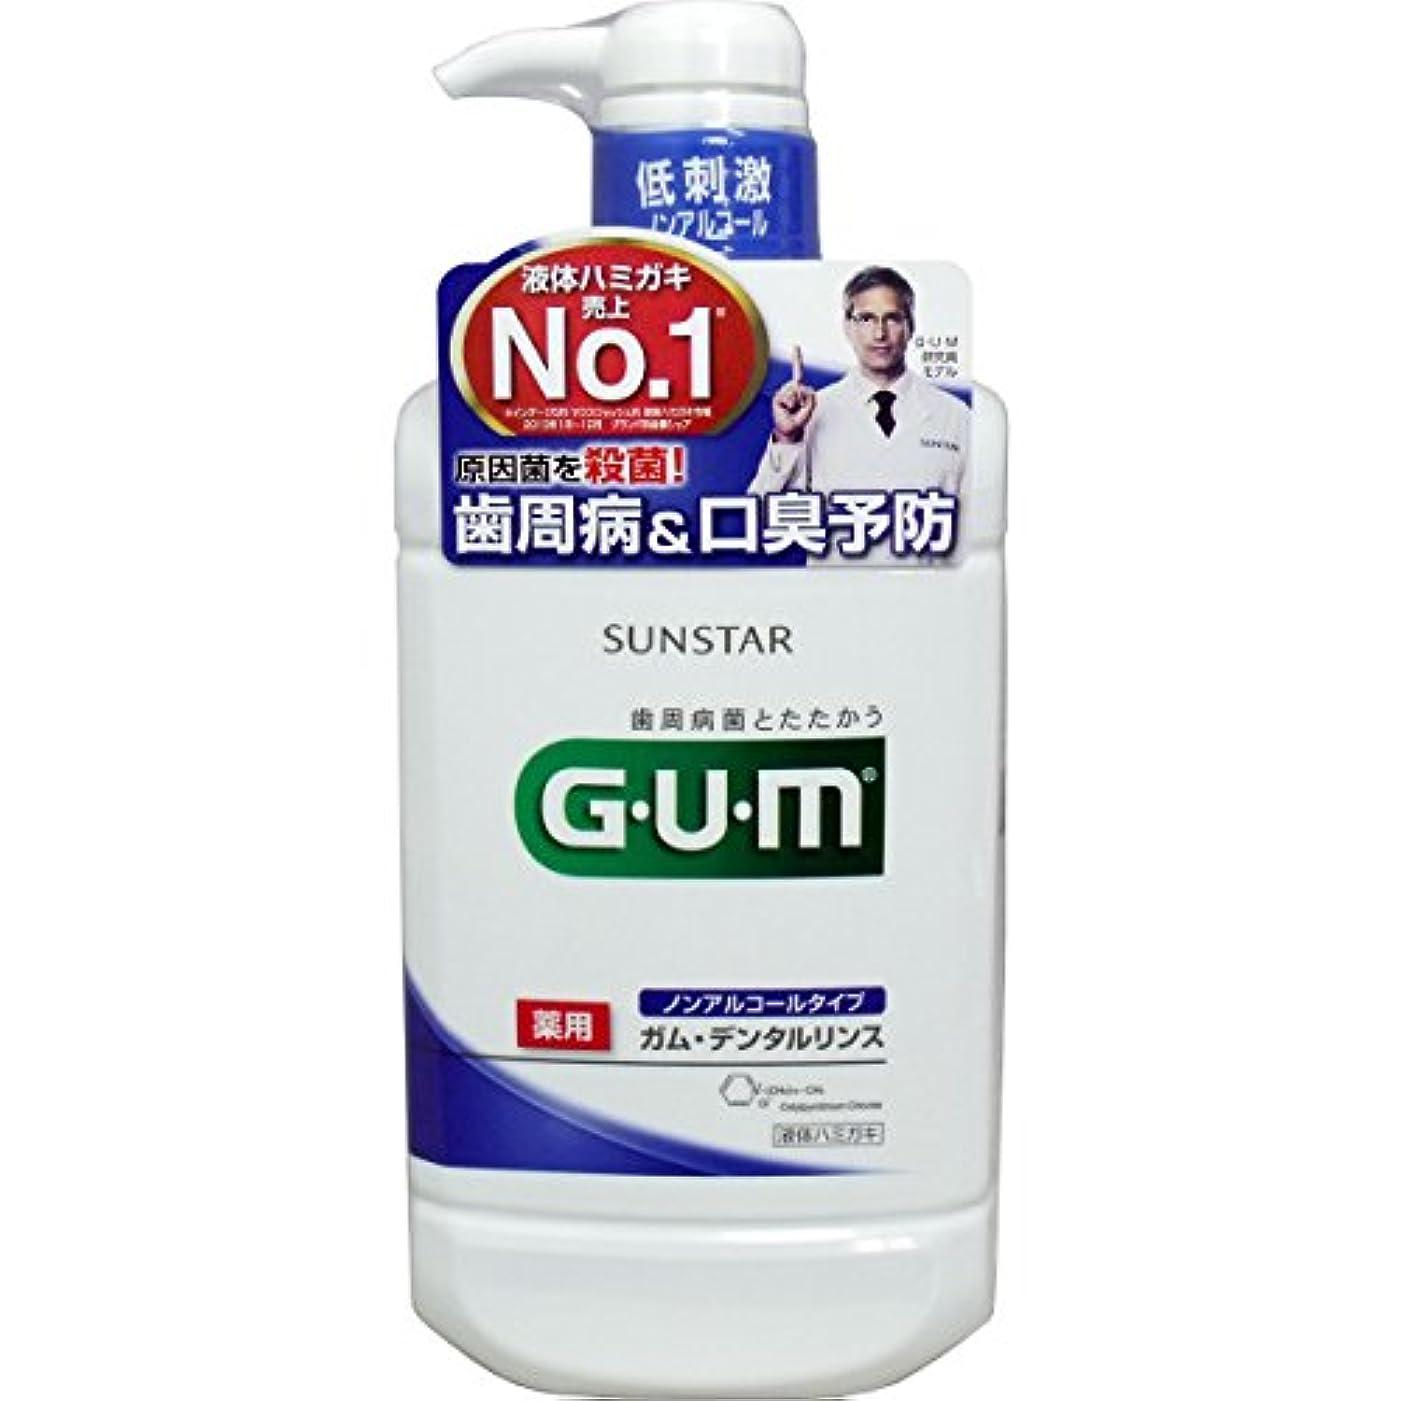 海外で架空の有名な歯周病予防 デンタルリンス ハグキの炎症を防ぐ 便利 GUM ガム?デンタルリンス 薬用 ノンアルコールタイプ 960mL【4個セット】